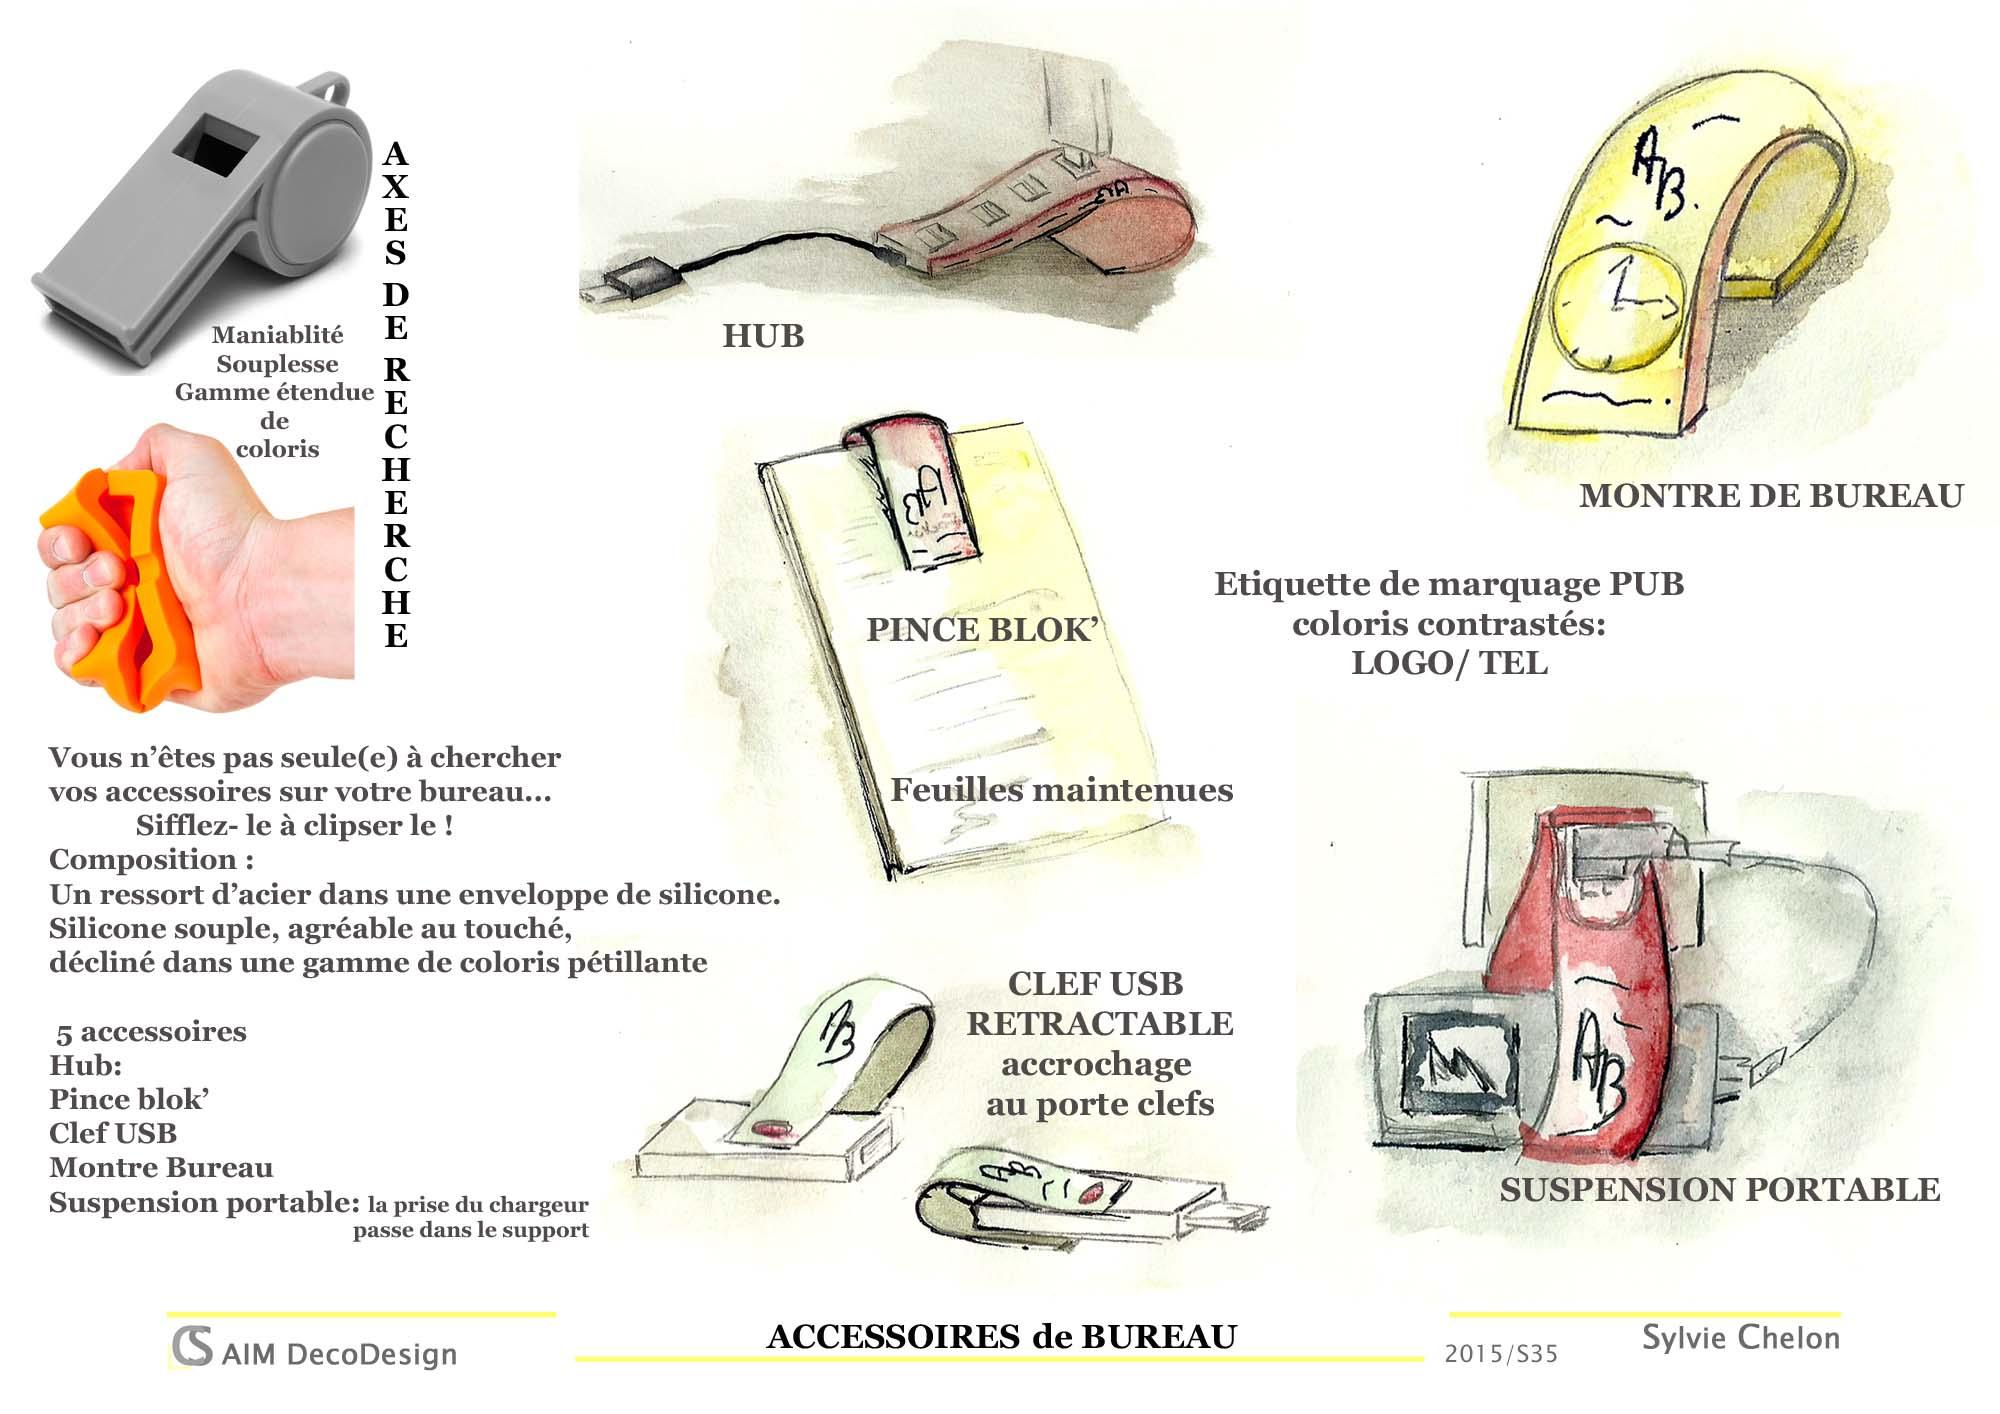 accessoires de bureau AIM DecoDesign